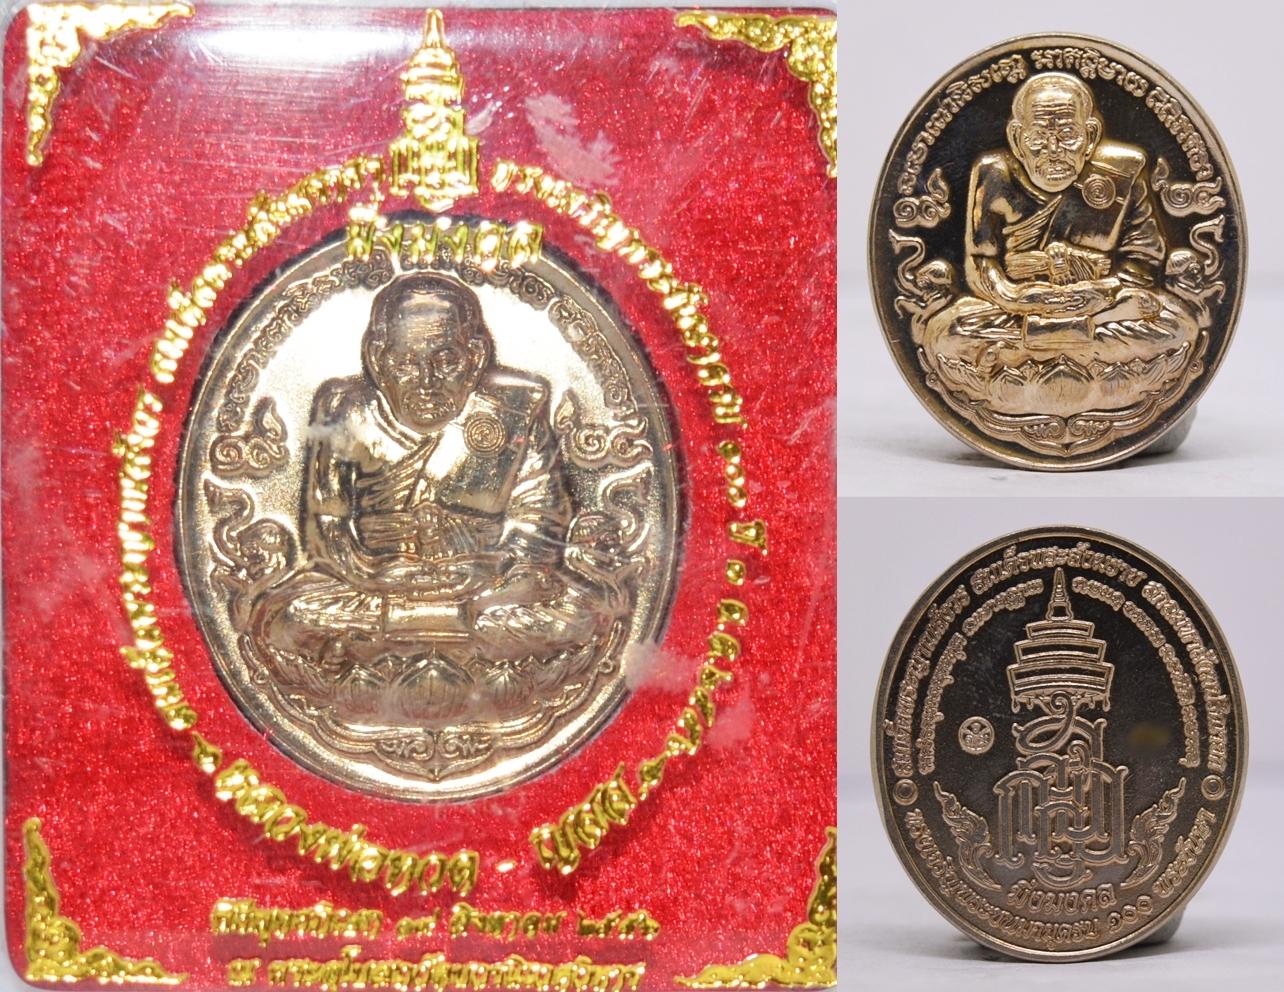 เหรียญหลวงปู่ทวด รุ่น ญสส.100 ปี  เนื้ออัลปาก้าลงยา สมเด็จพระสังฆราช ปลุกเสกวัดบวรนิเวศวิหาร 2556